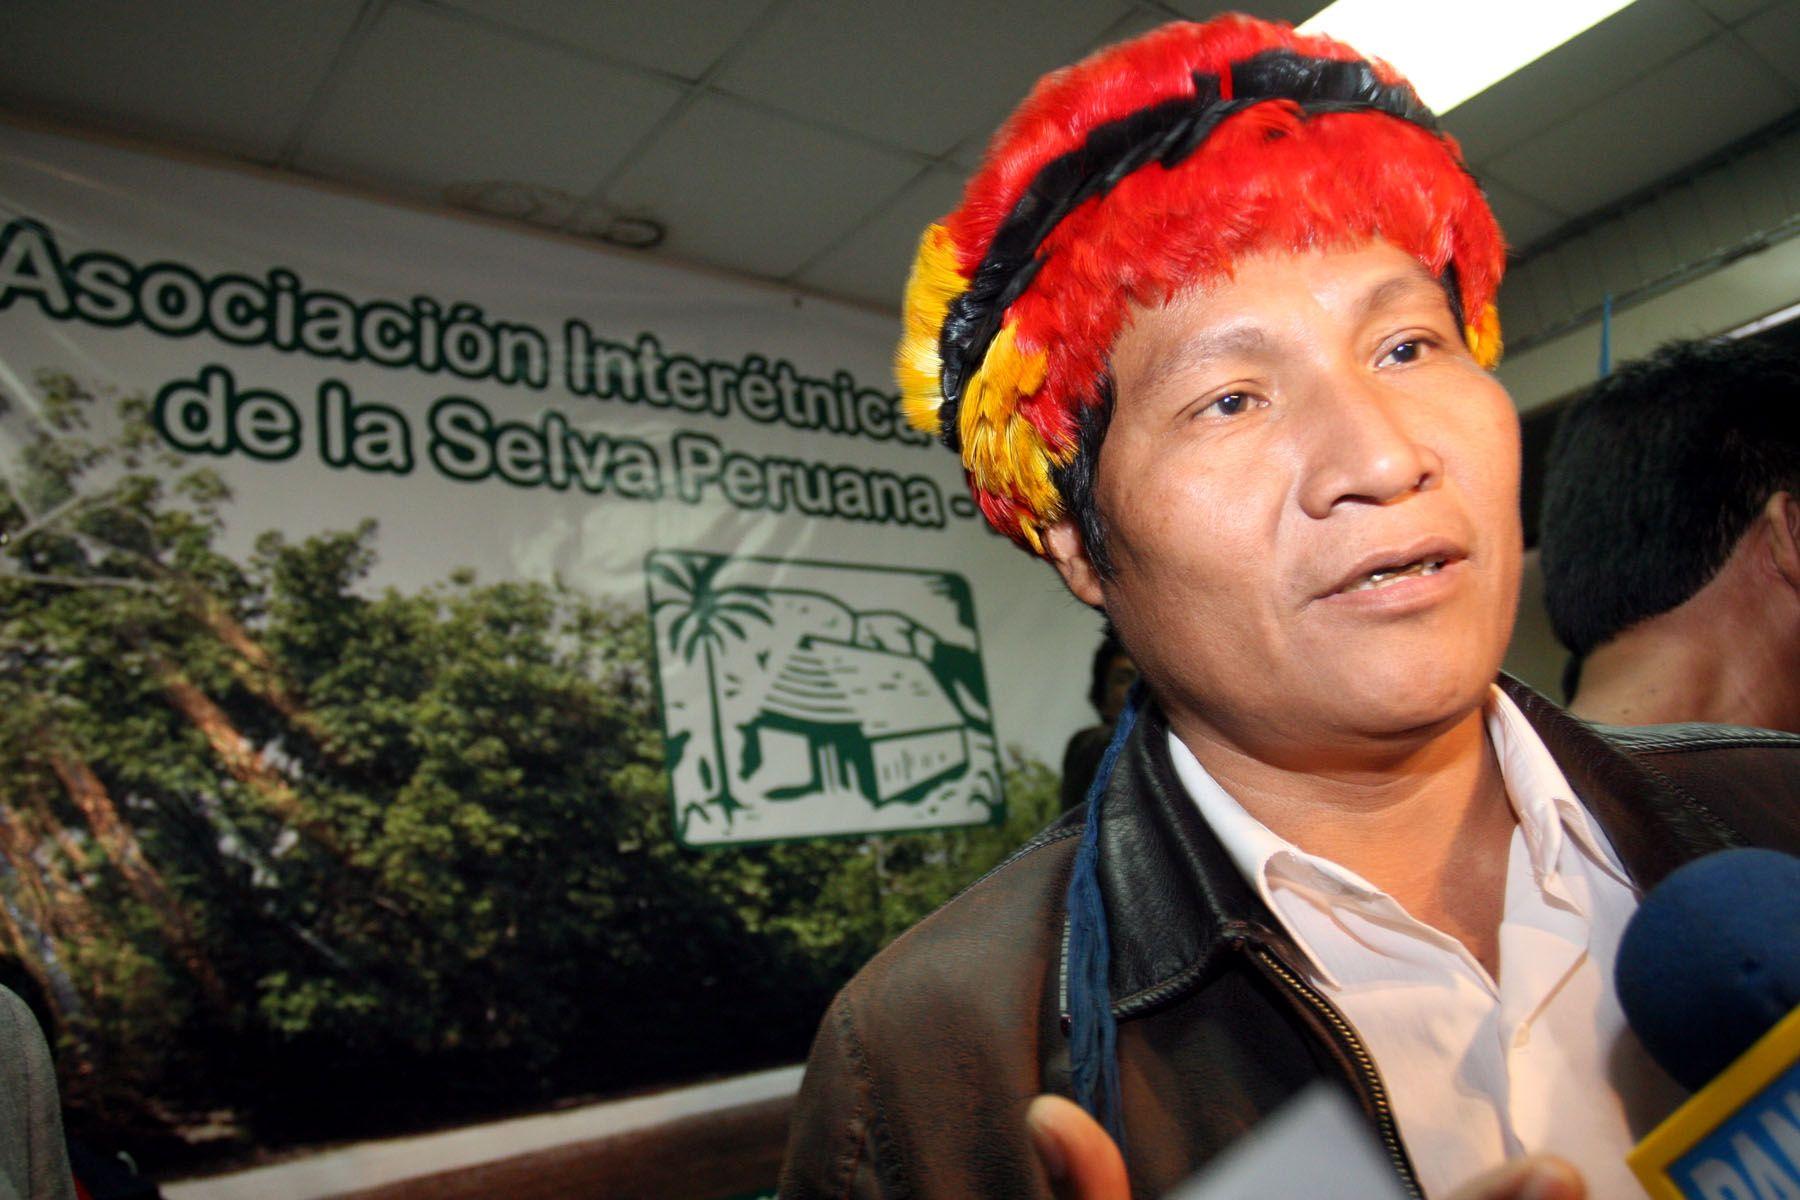 Juzgado penal de lima inmoviliza cuentas bancarias de ex for Juzgado de benavente